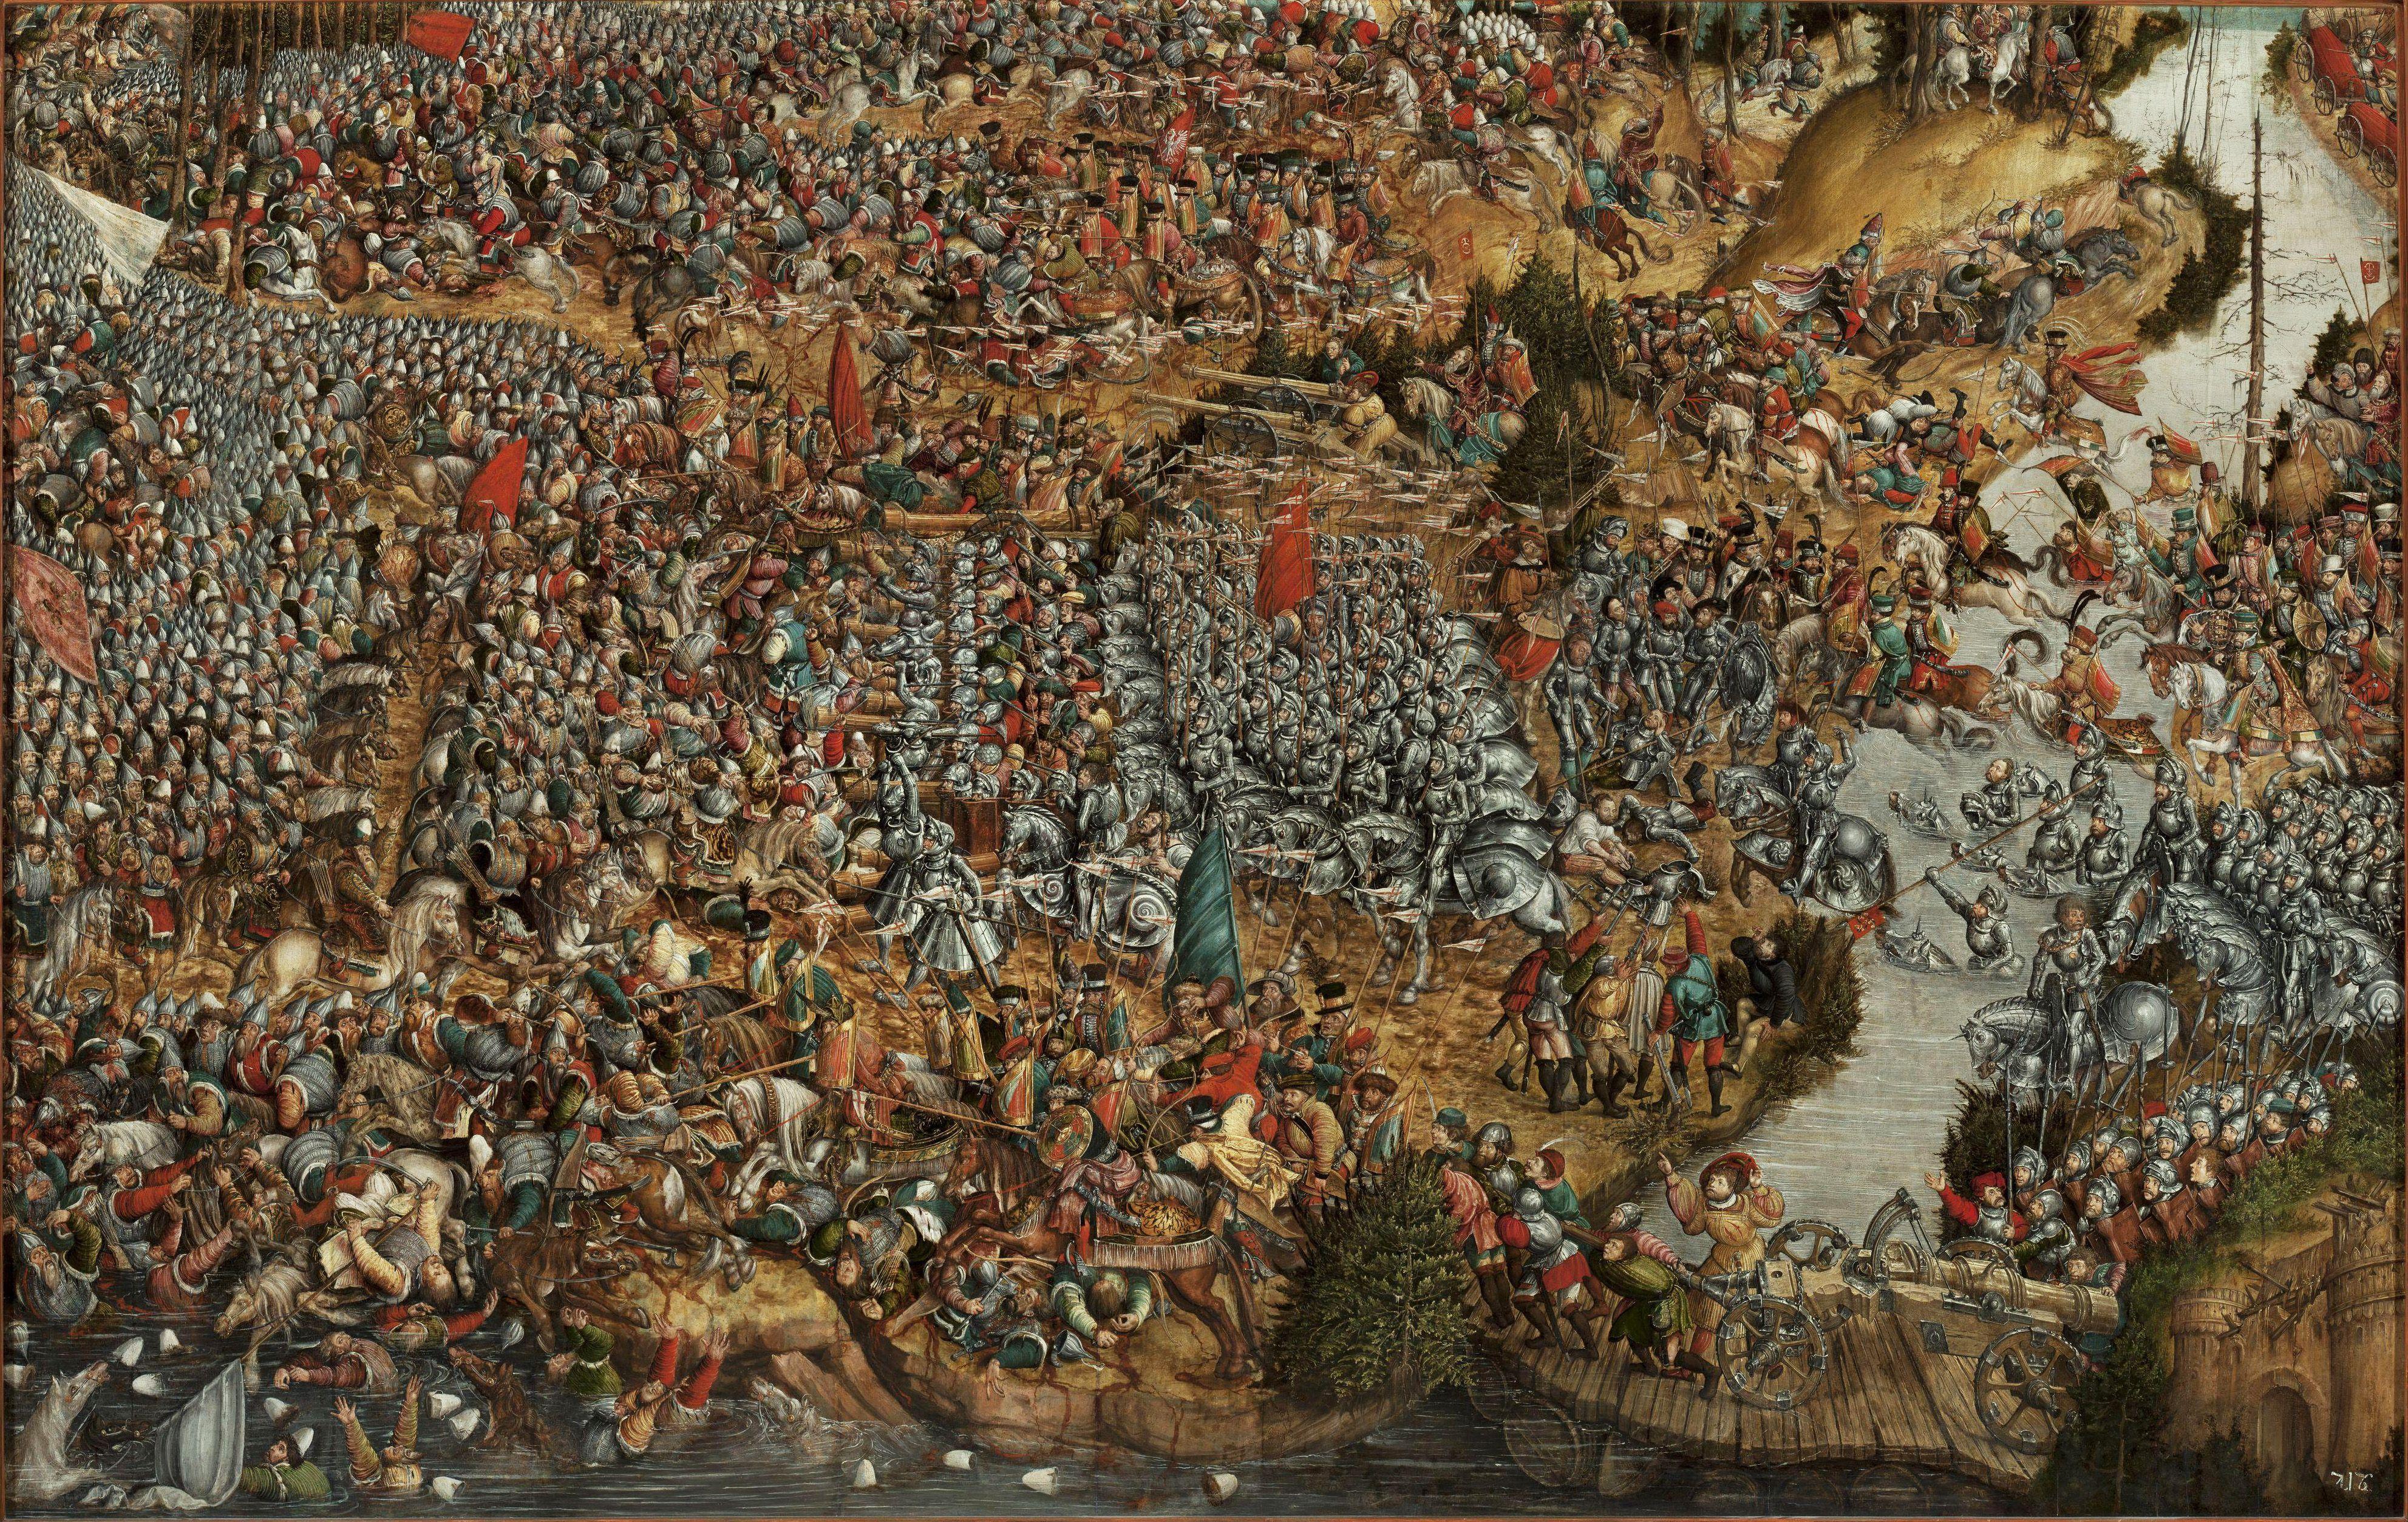 Битва під Оршею. Картина XVI ст. Автор невідомий